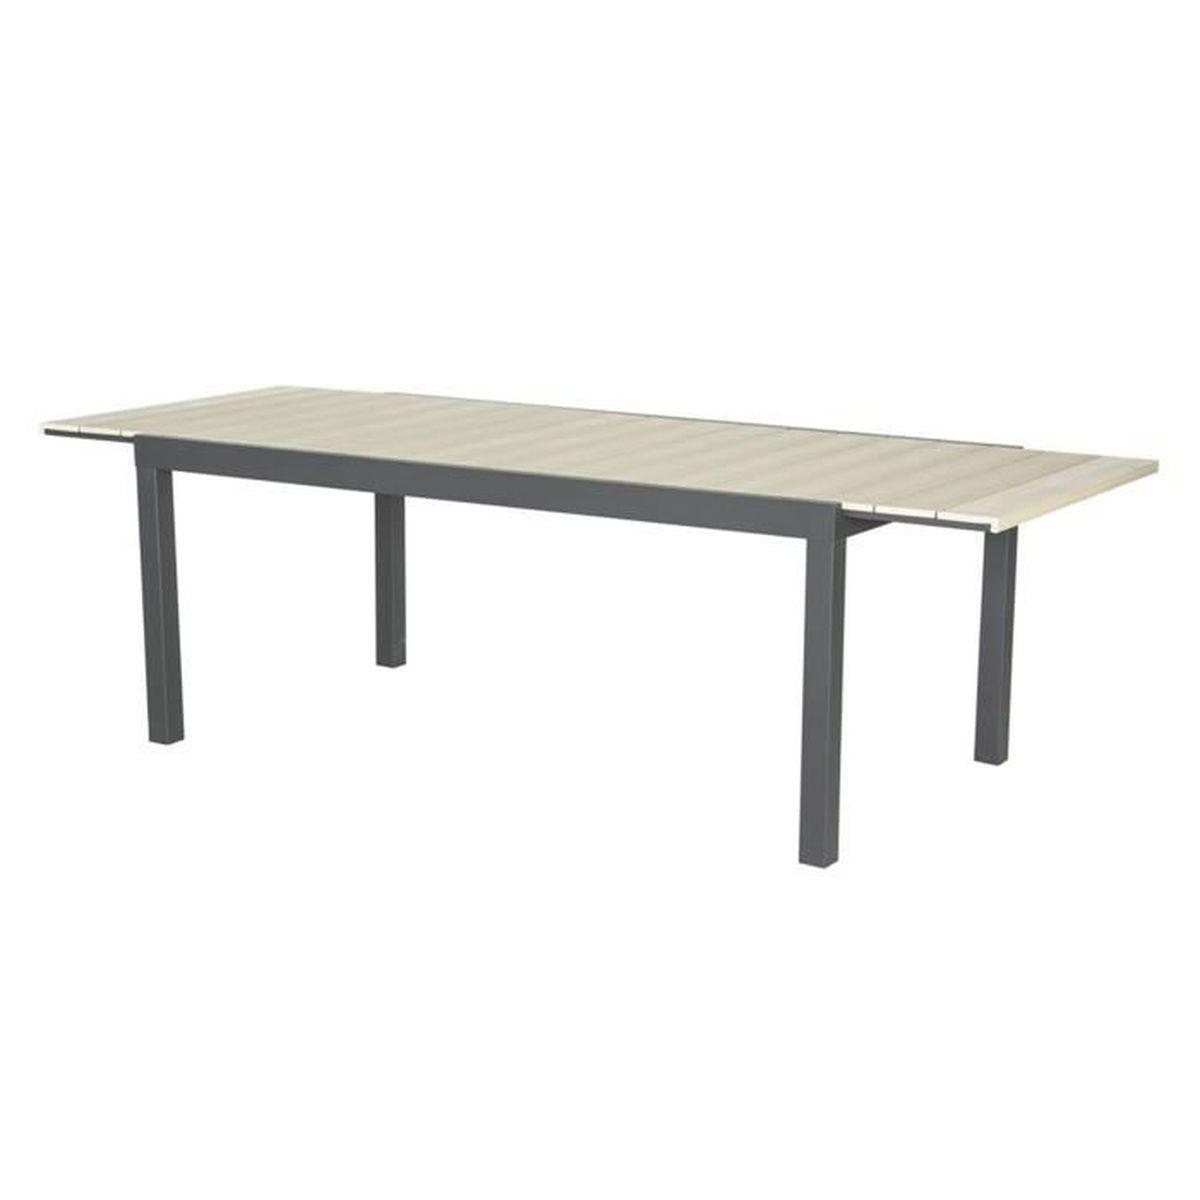 Gilles Table de jardin extensible en bois composite et alu ...